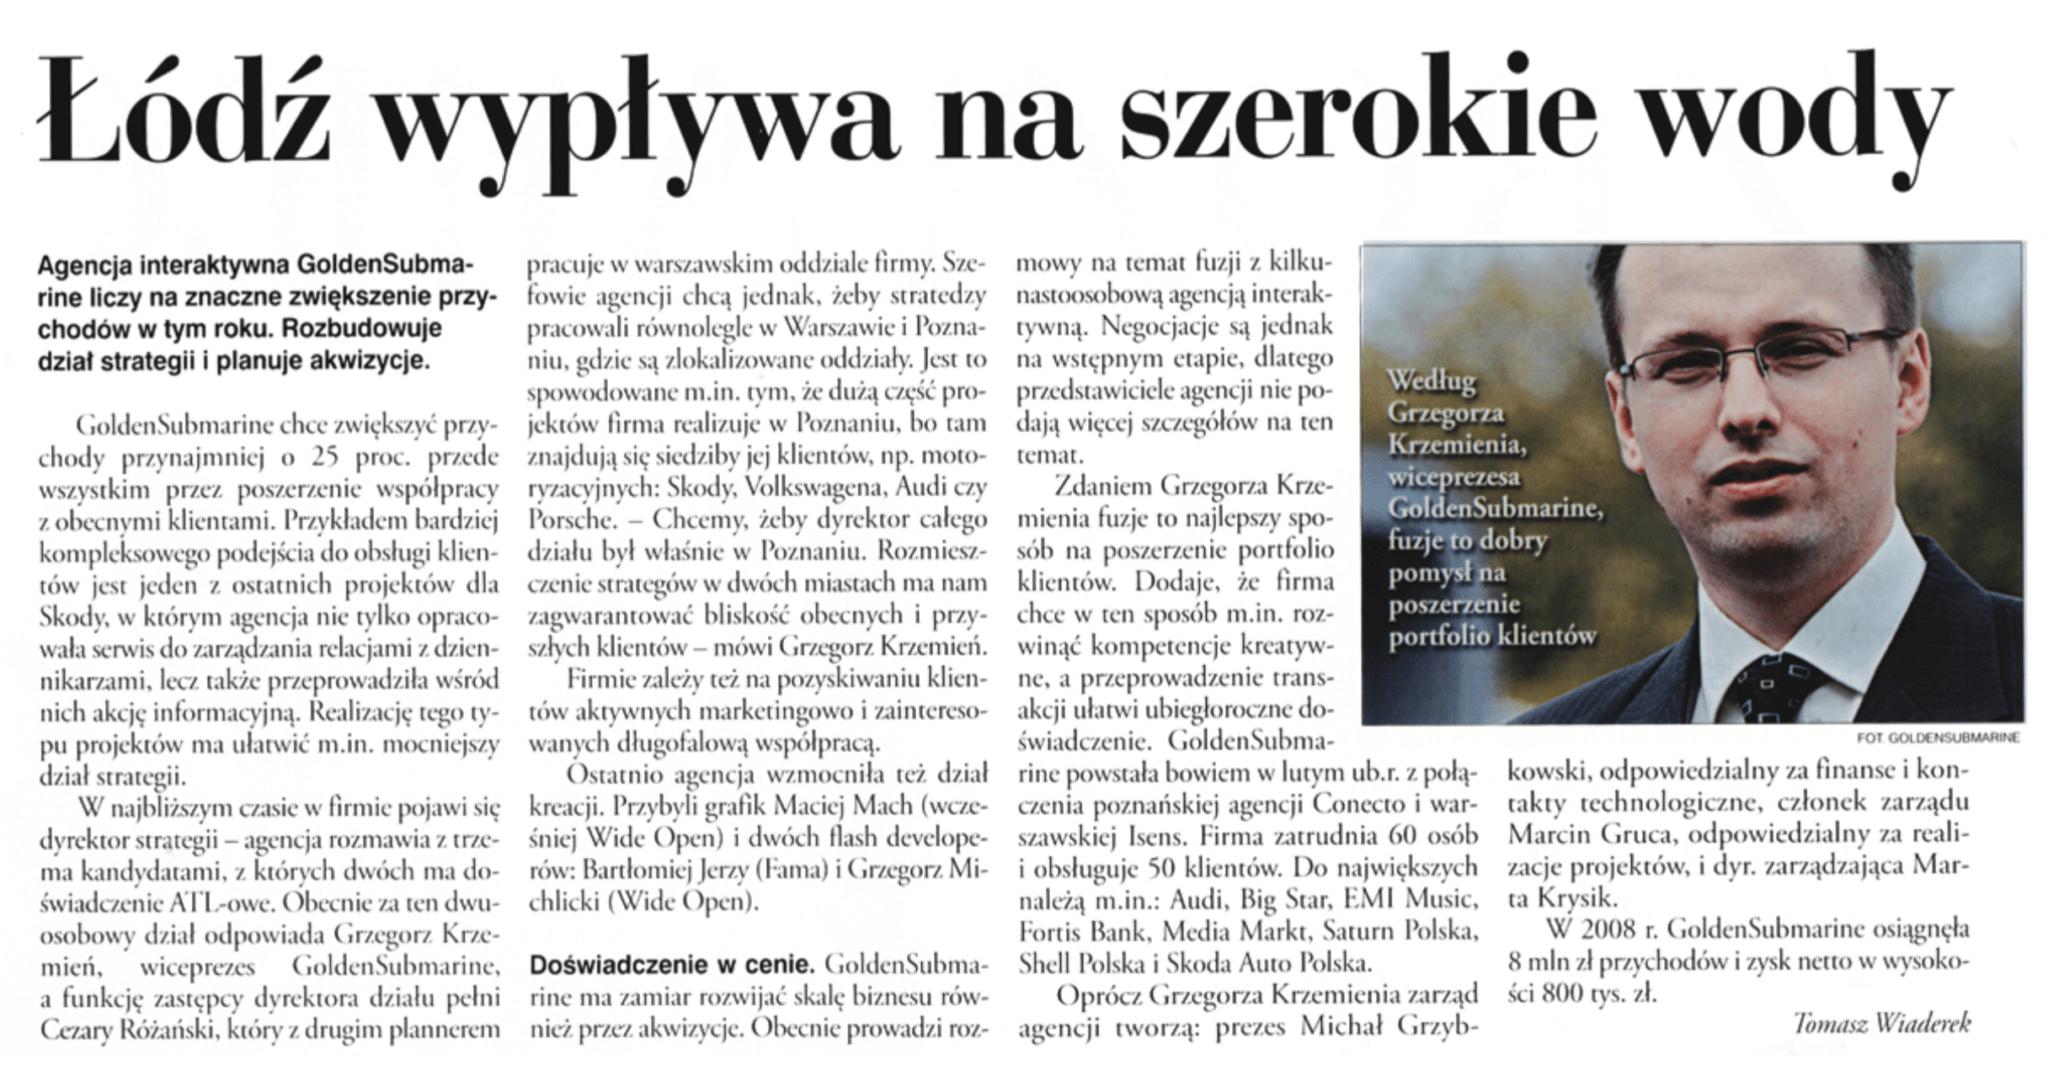 Grzegorz Krzemień. GoldenSubmarine wypływa na szerokie wody.